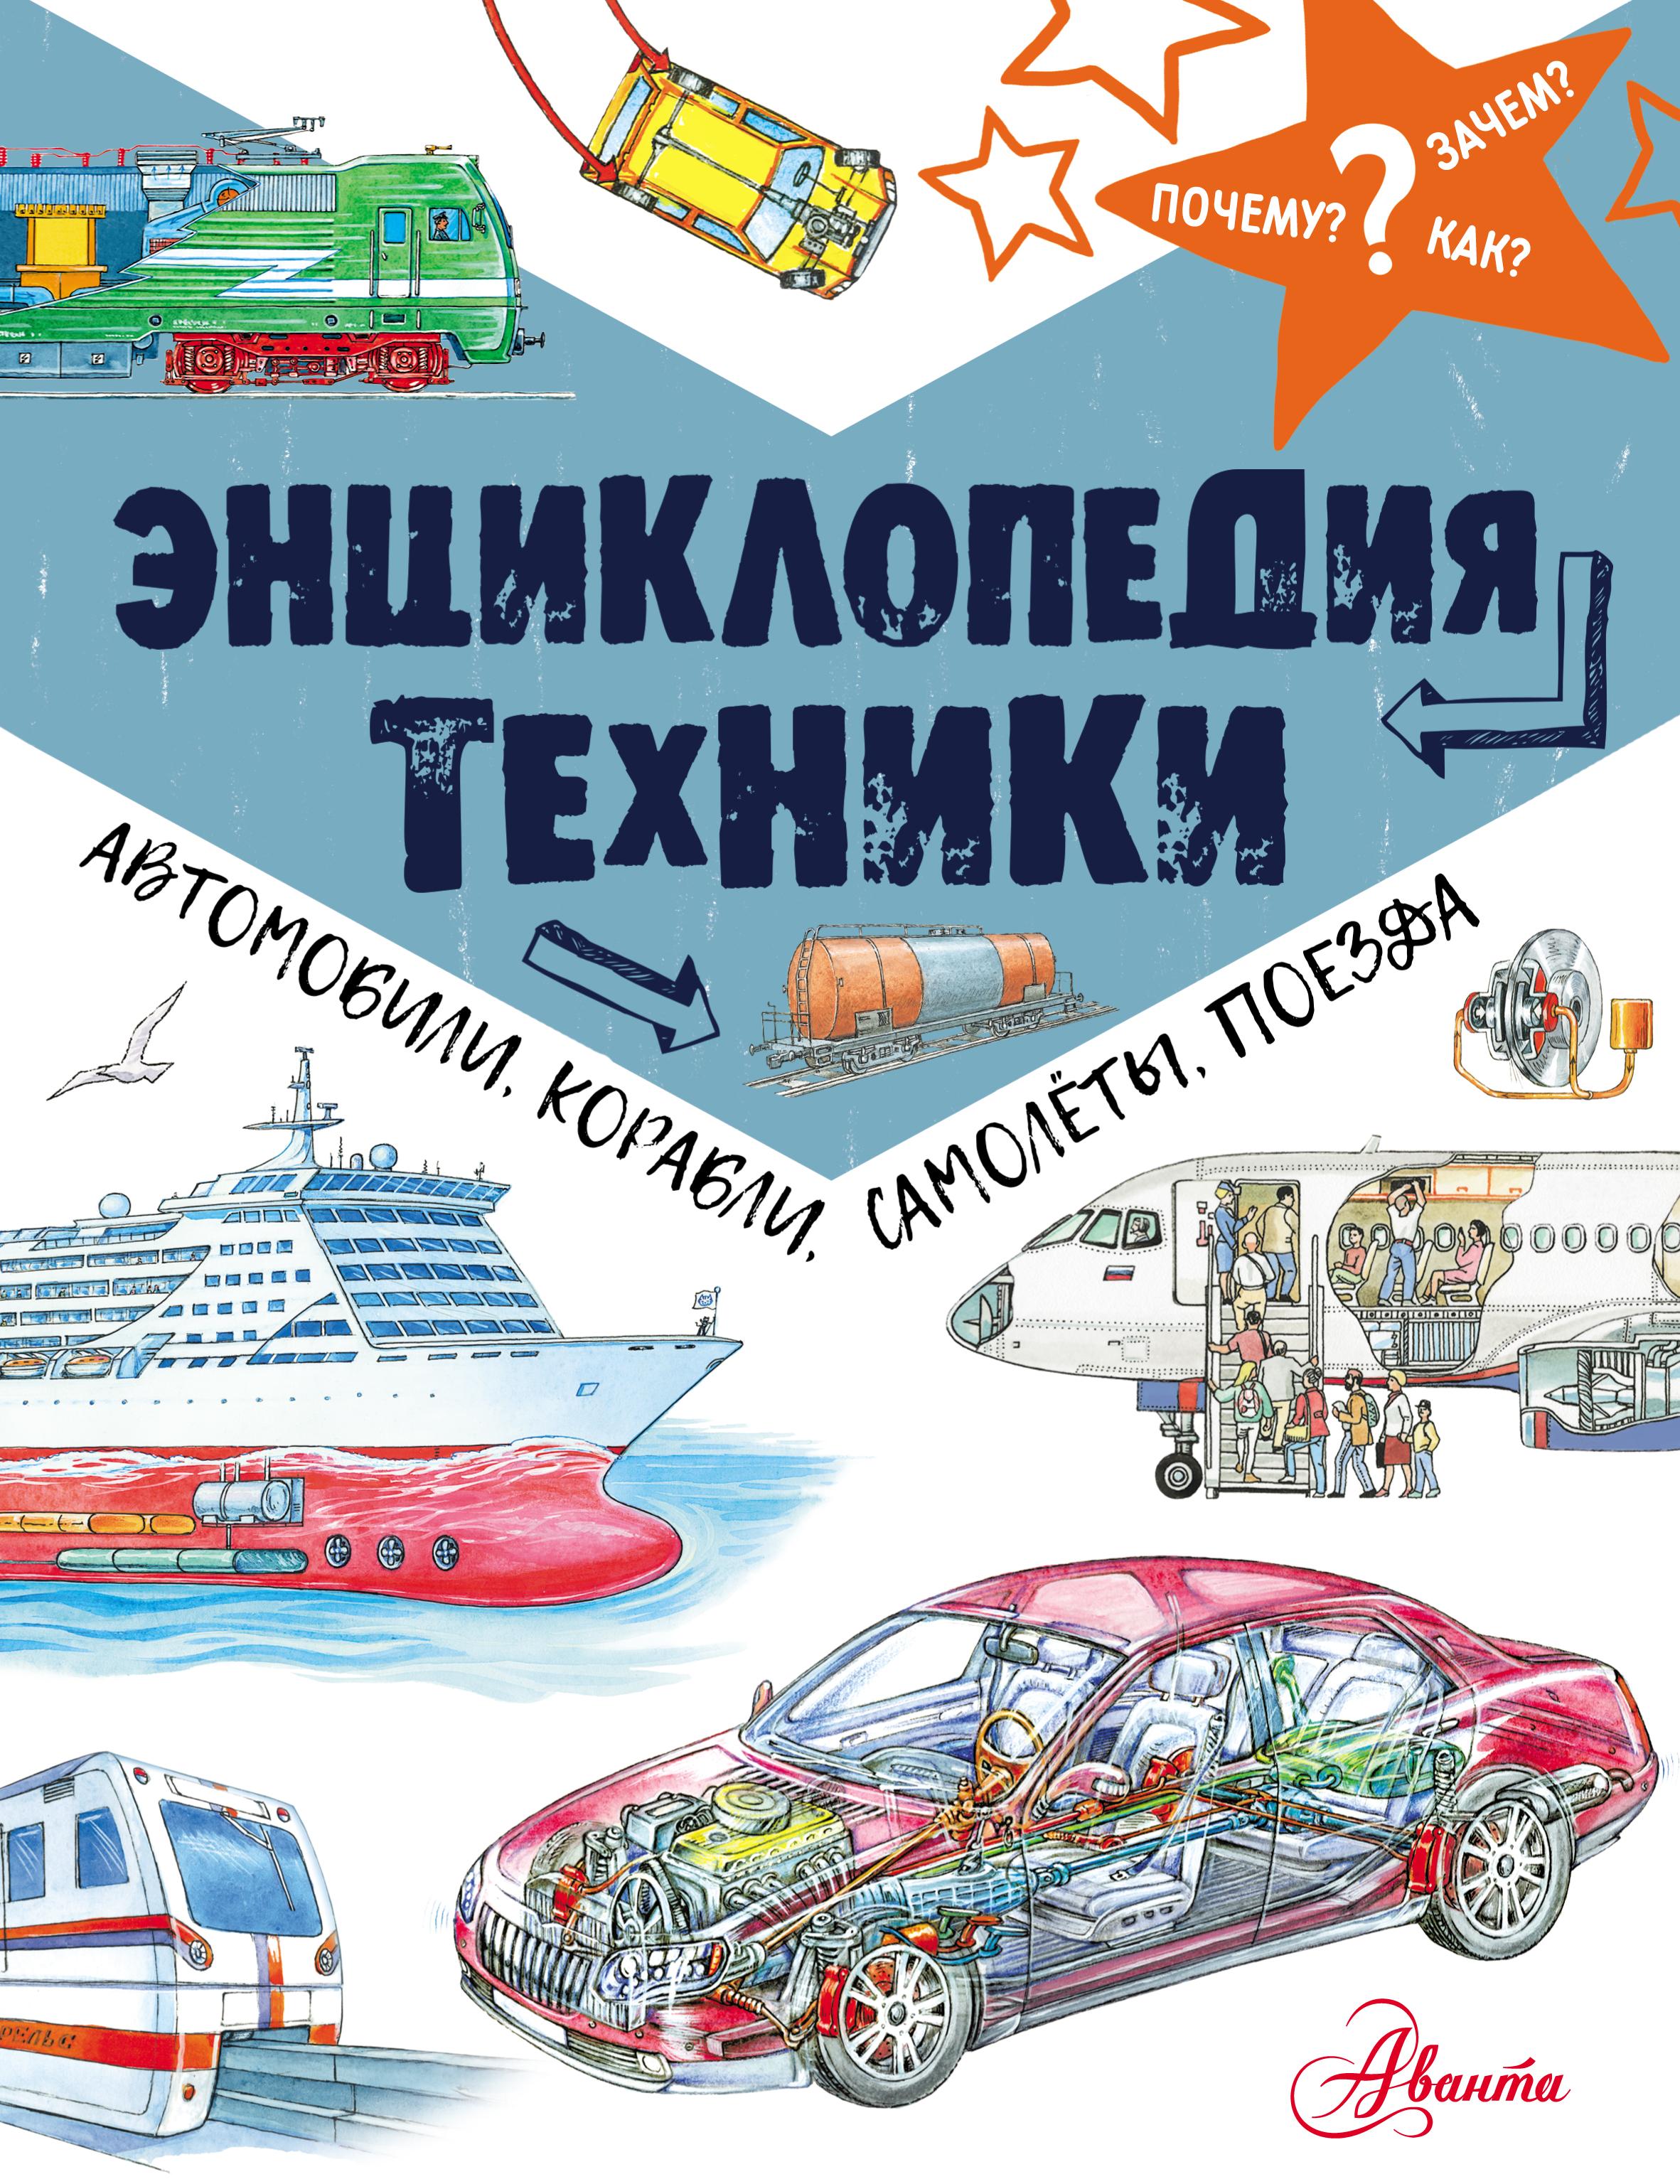 Владимир Малов Энциклопедия техники. Автомобили, корабли, самолёты, поезда